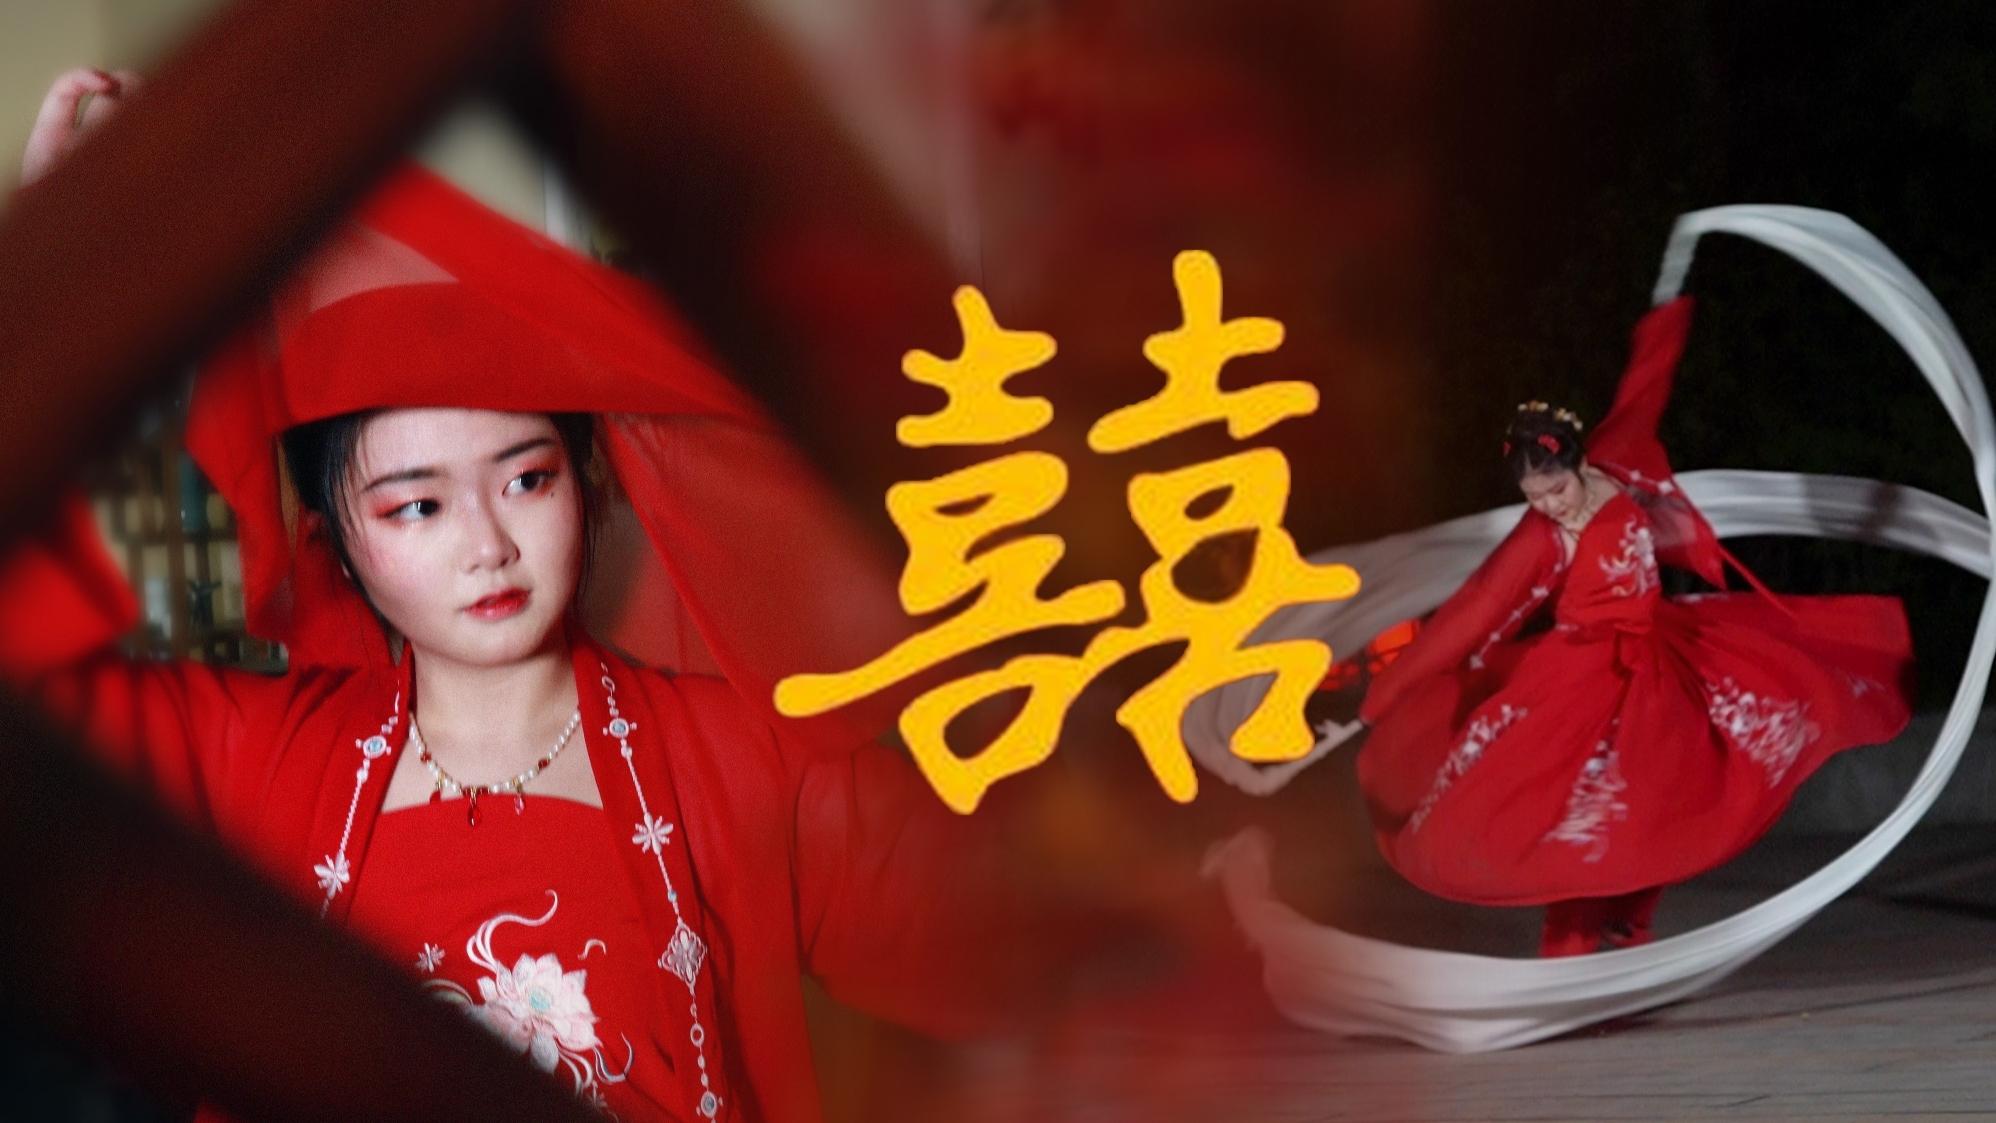 【小卅】囍 / 原创编舞 • 夜景直拍 胆小勿入